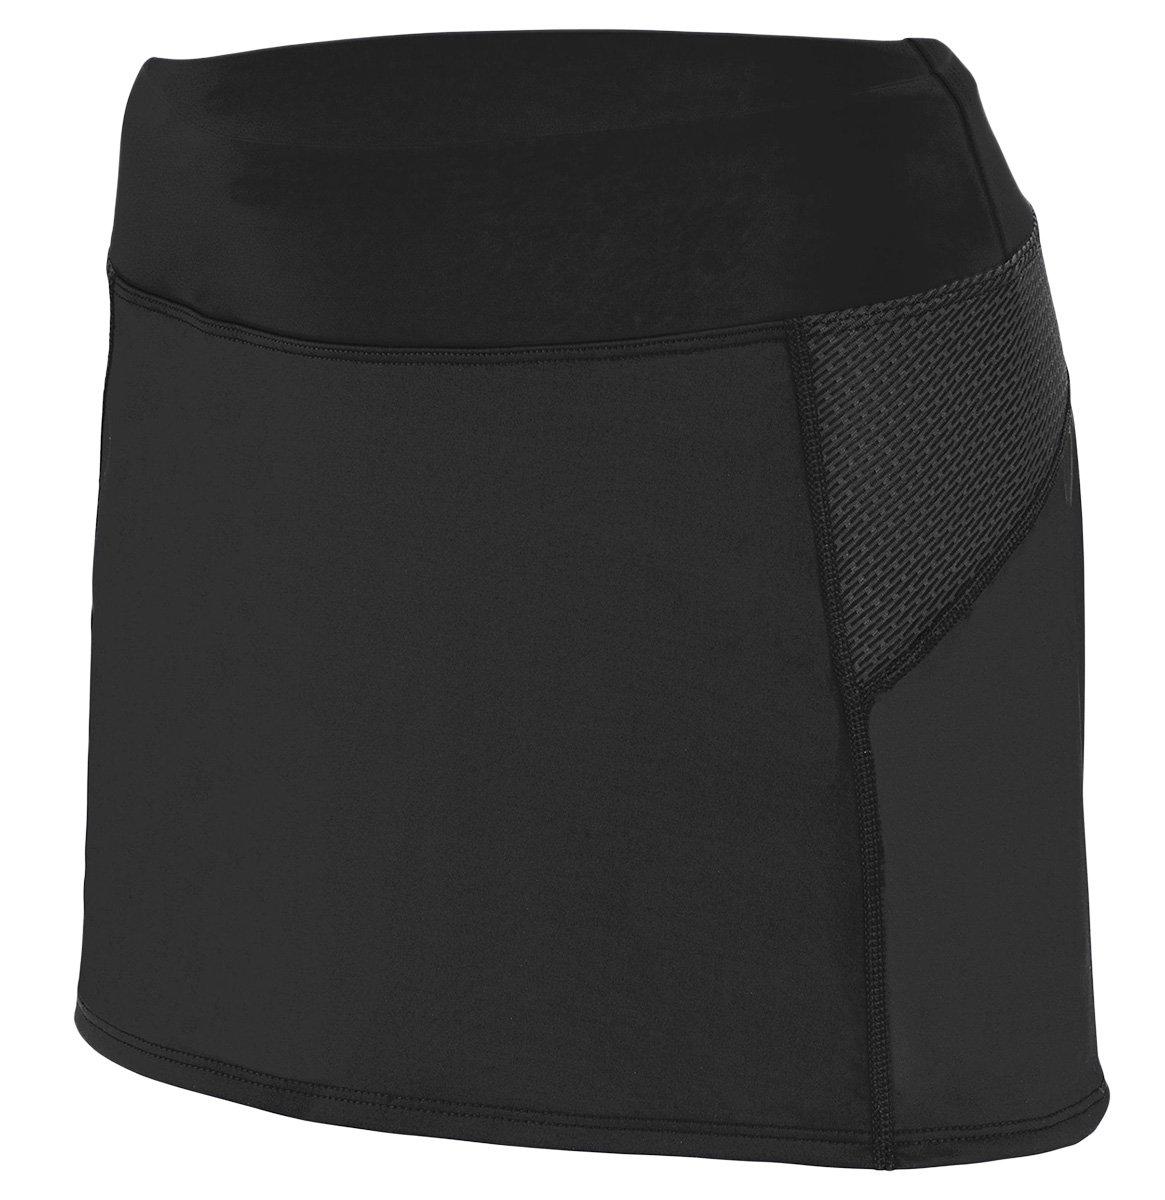 Augusta Sportswear Women's Femfit Skort - Black/Graphite 2420A XL